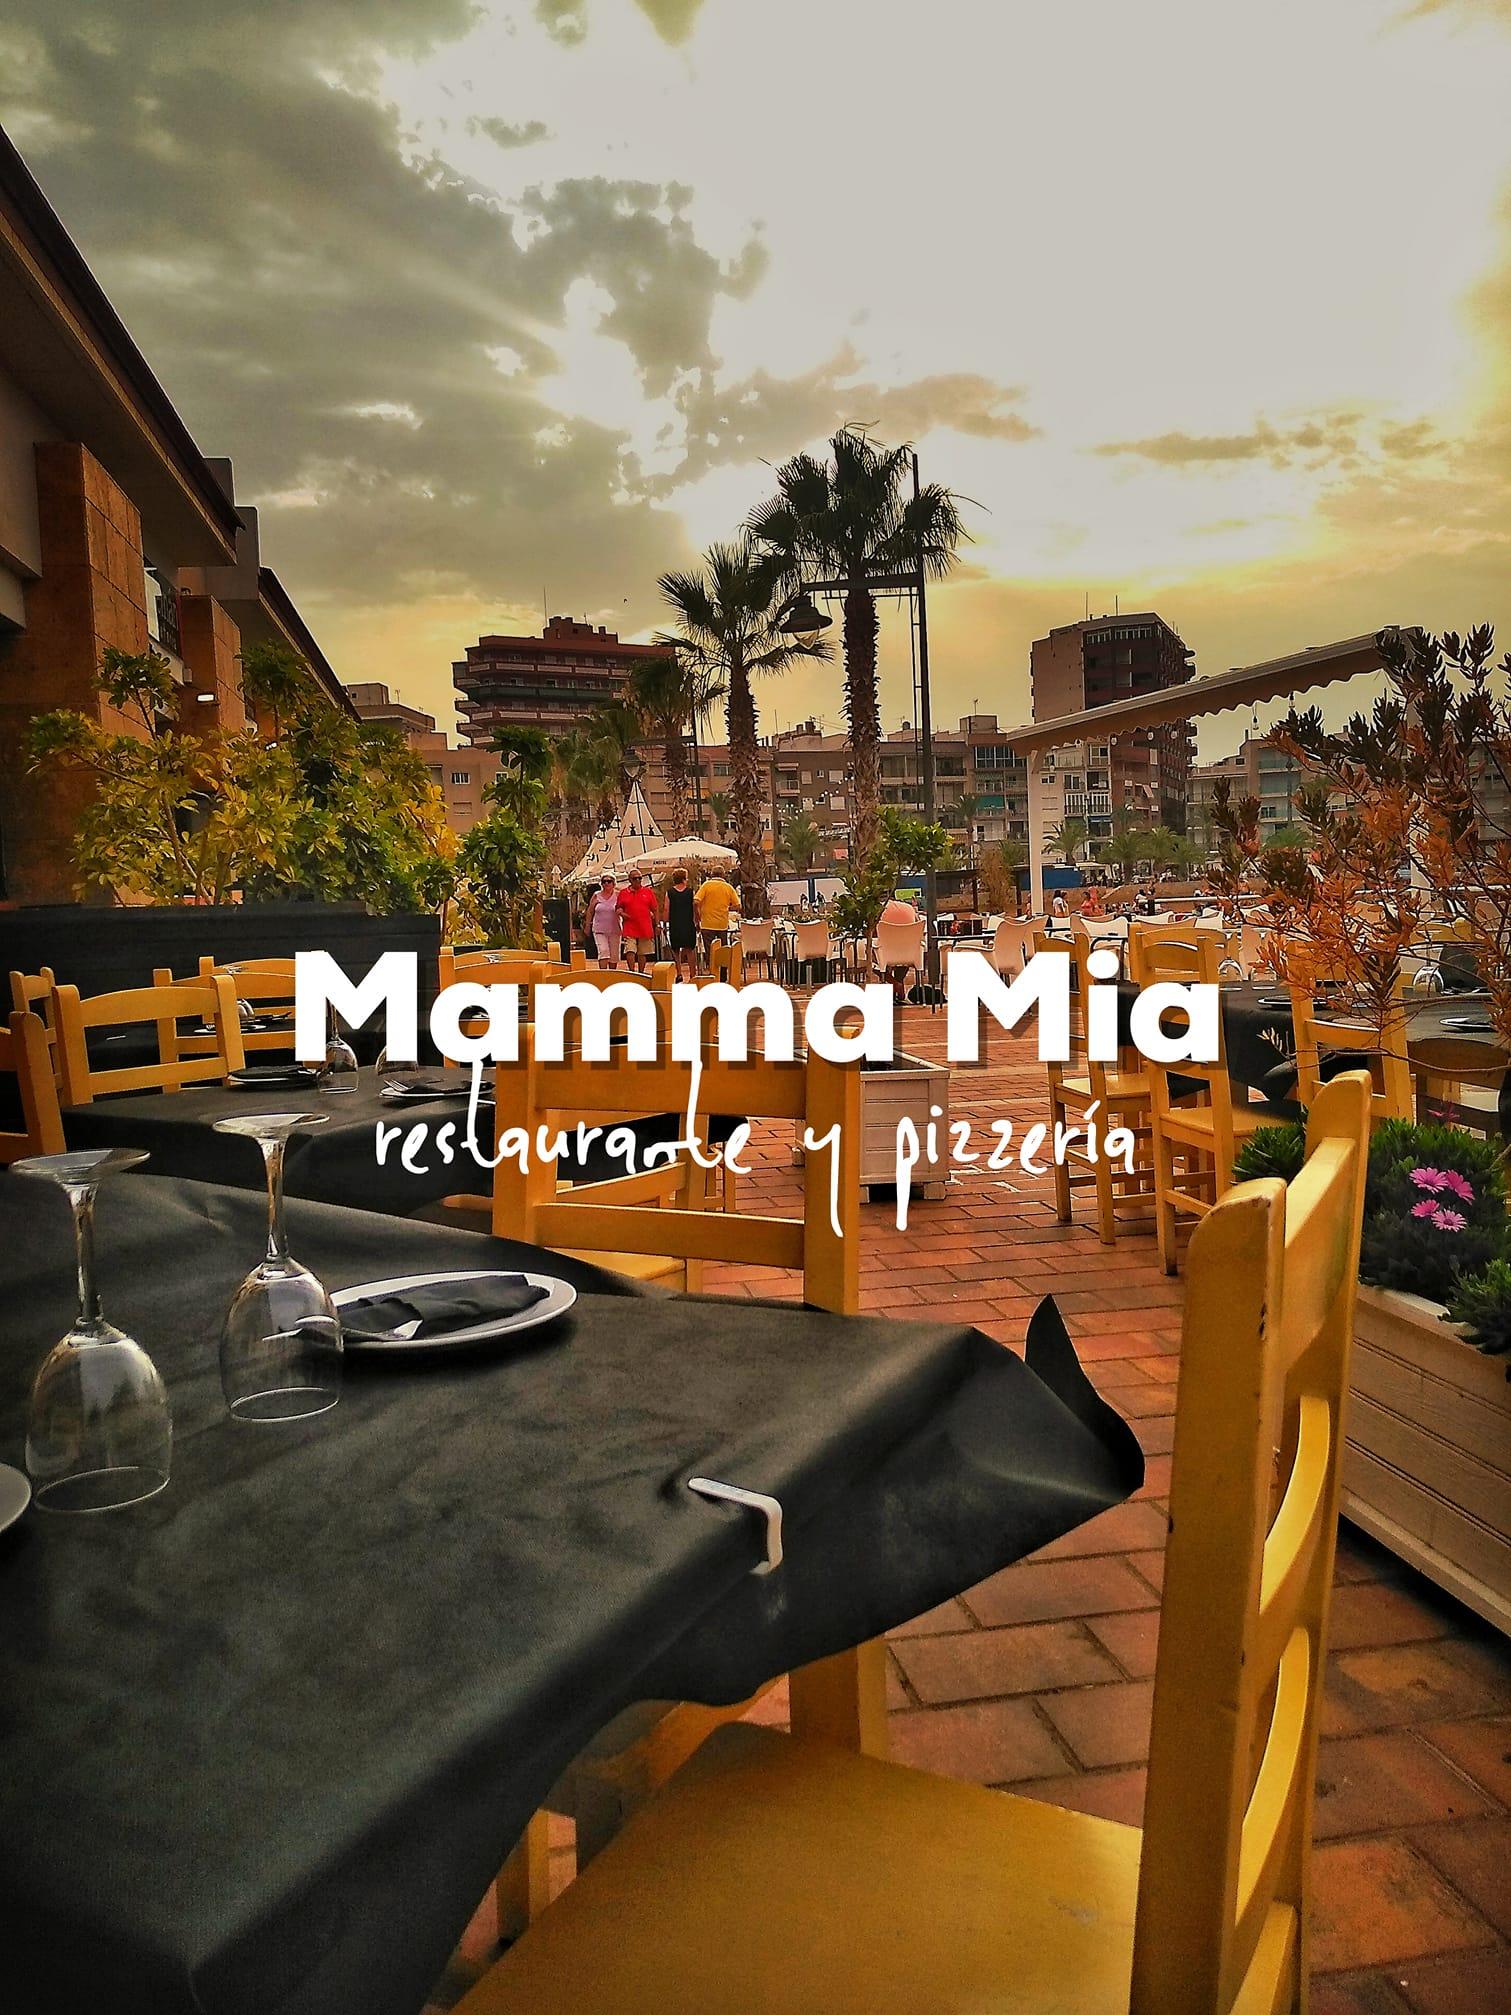 Vente fonds de commerce restaurant cuisine italienne en Espagne